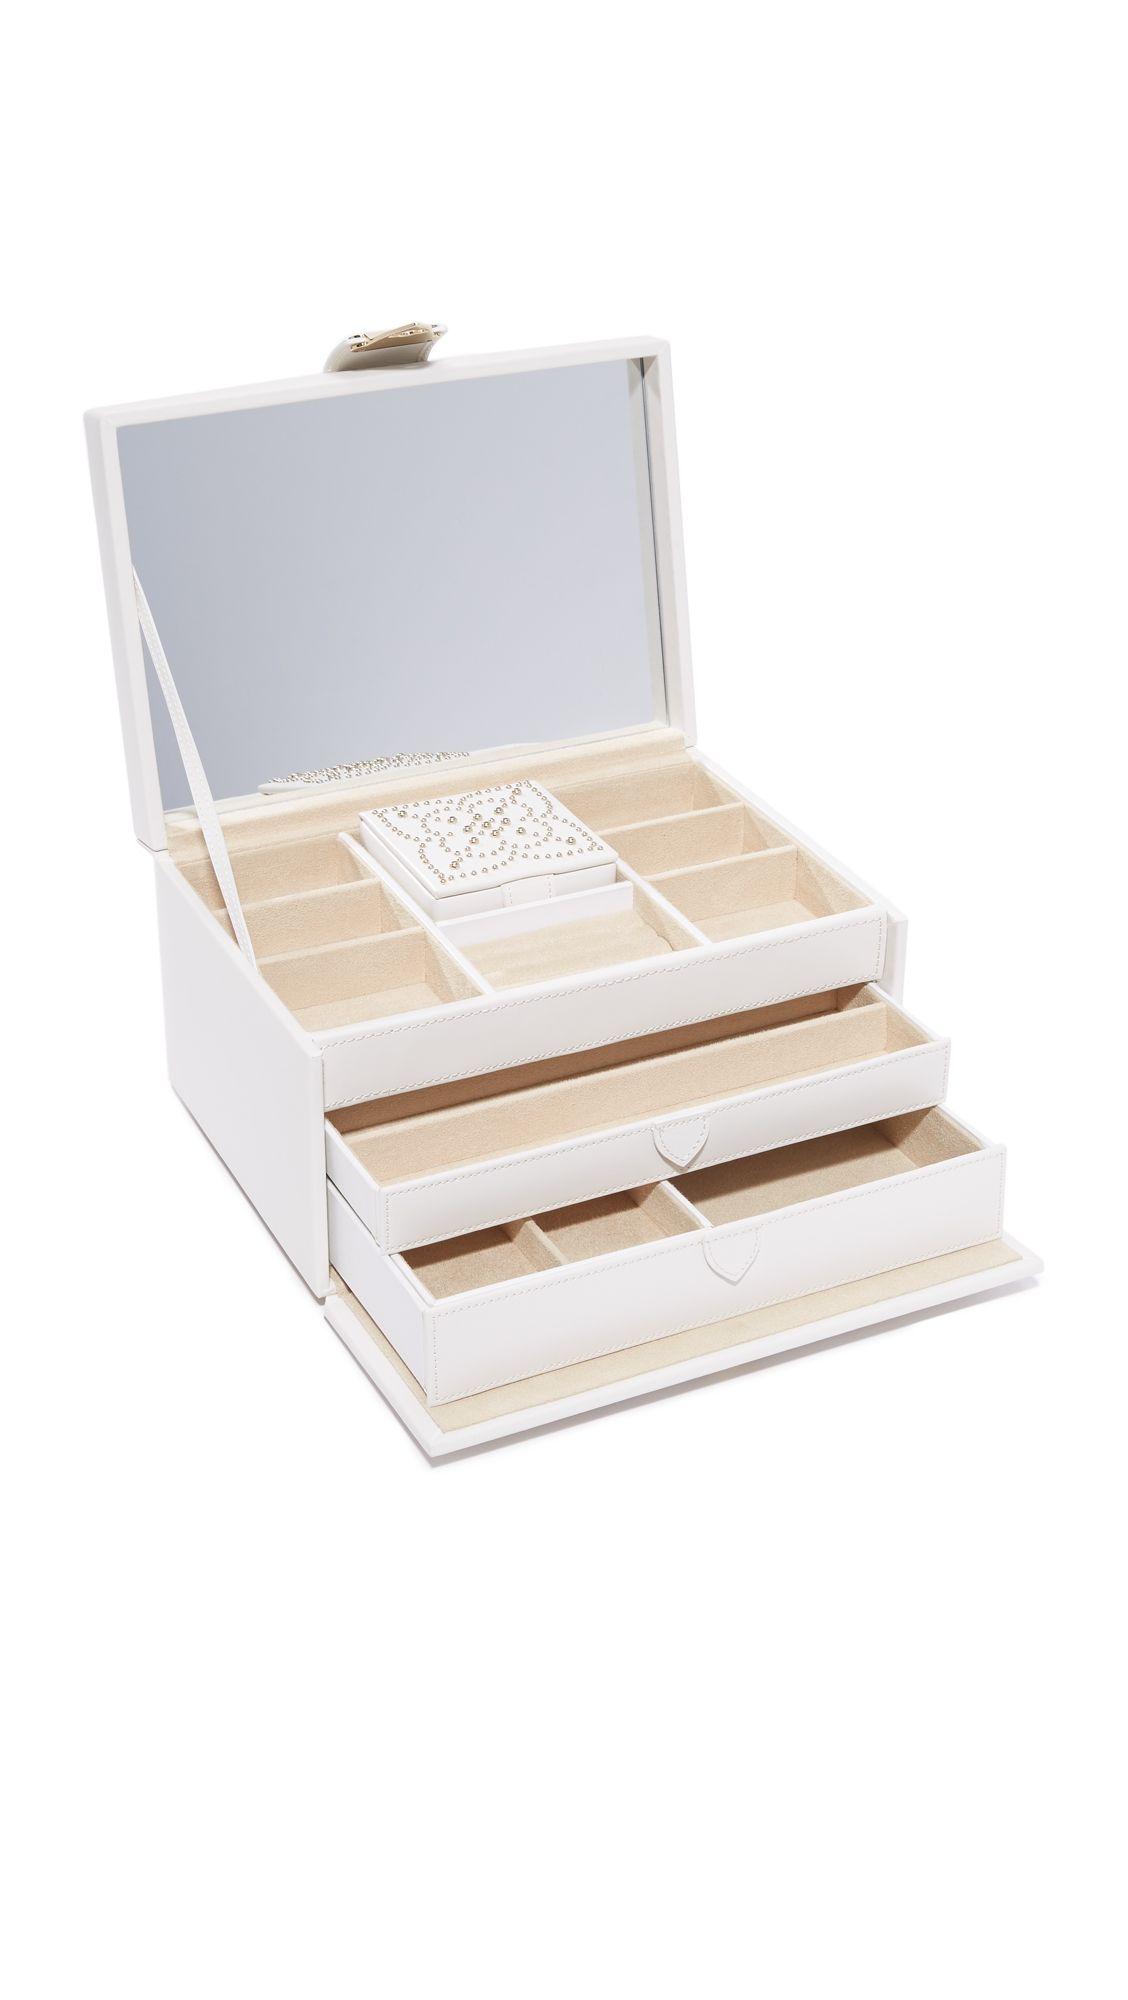 0f109f0729c1 WOLF Marrakesh Medium Jewelry Box in 2019   Products   Jewelry box ...